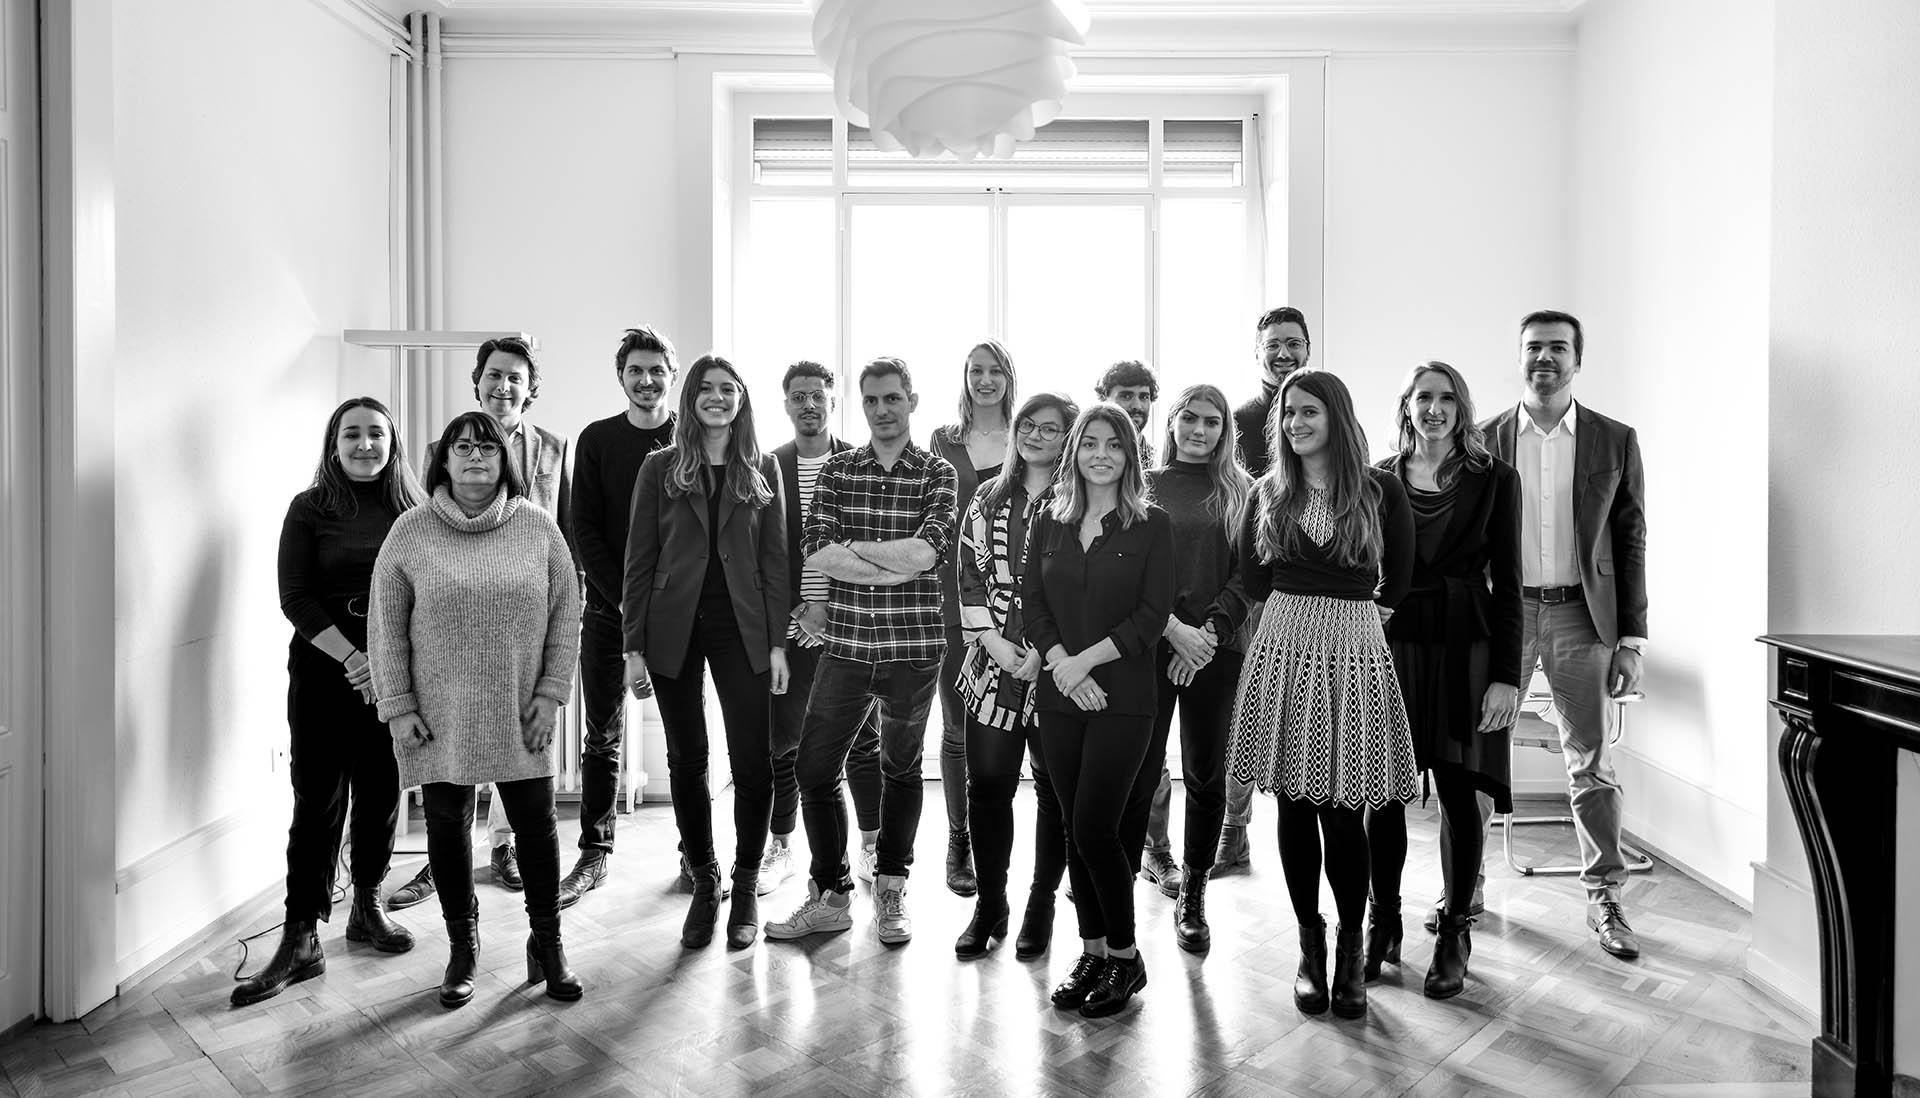 CSDK Architectes Equipe Mars 2020 - Team - CSDK Architectes Equipe Mars 2020